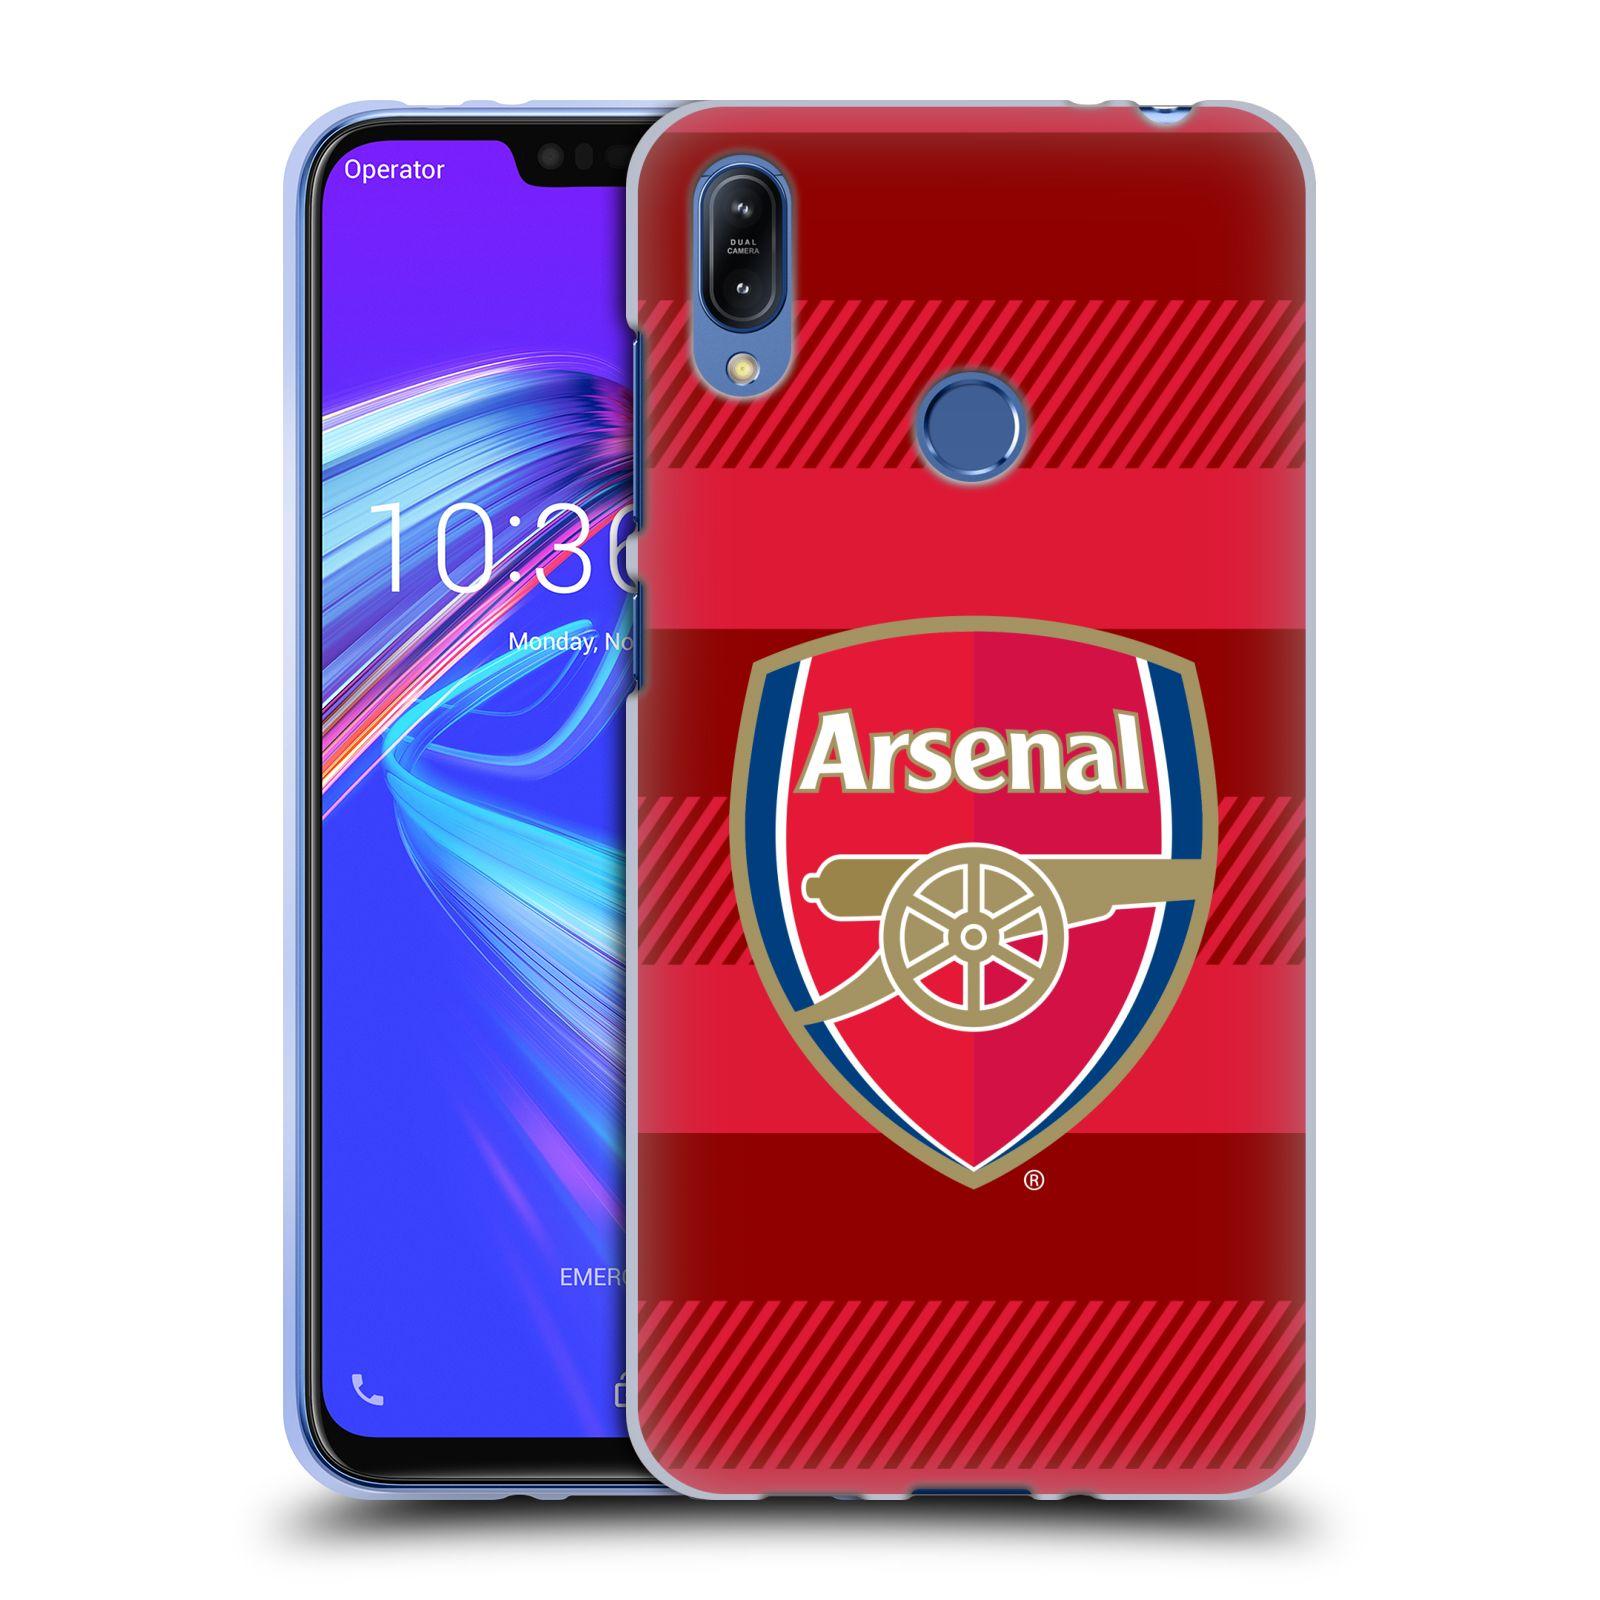 Silikonové pouzdro na mobil Asus Zenfone Max (M2) ZB633KL - Head Case - Arsenal FC - Logo s pruhy